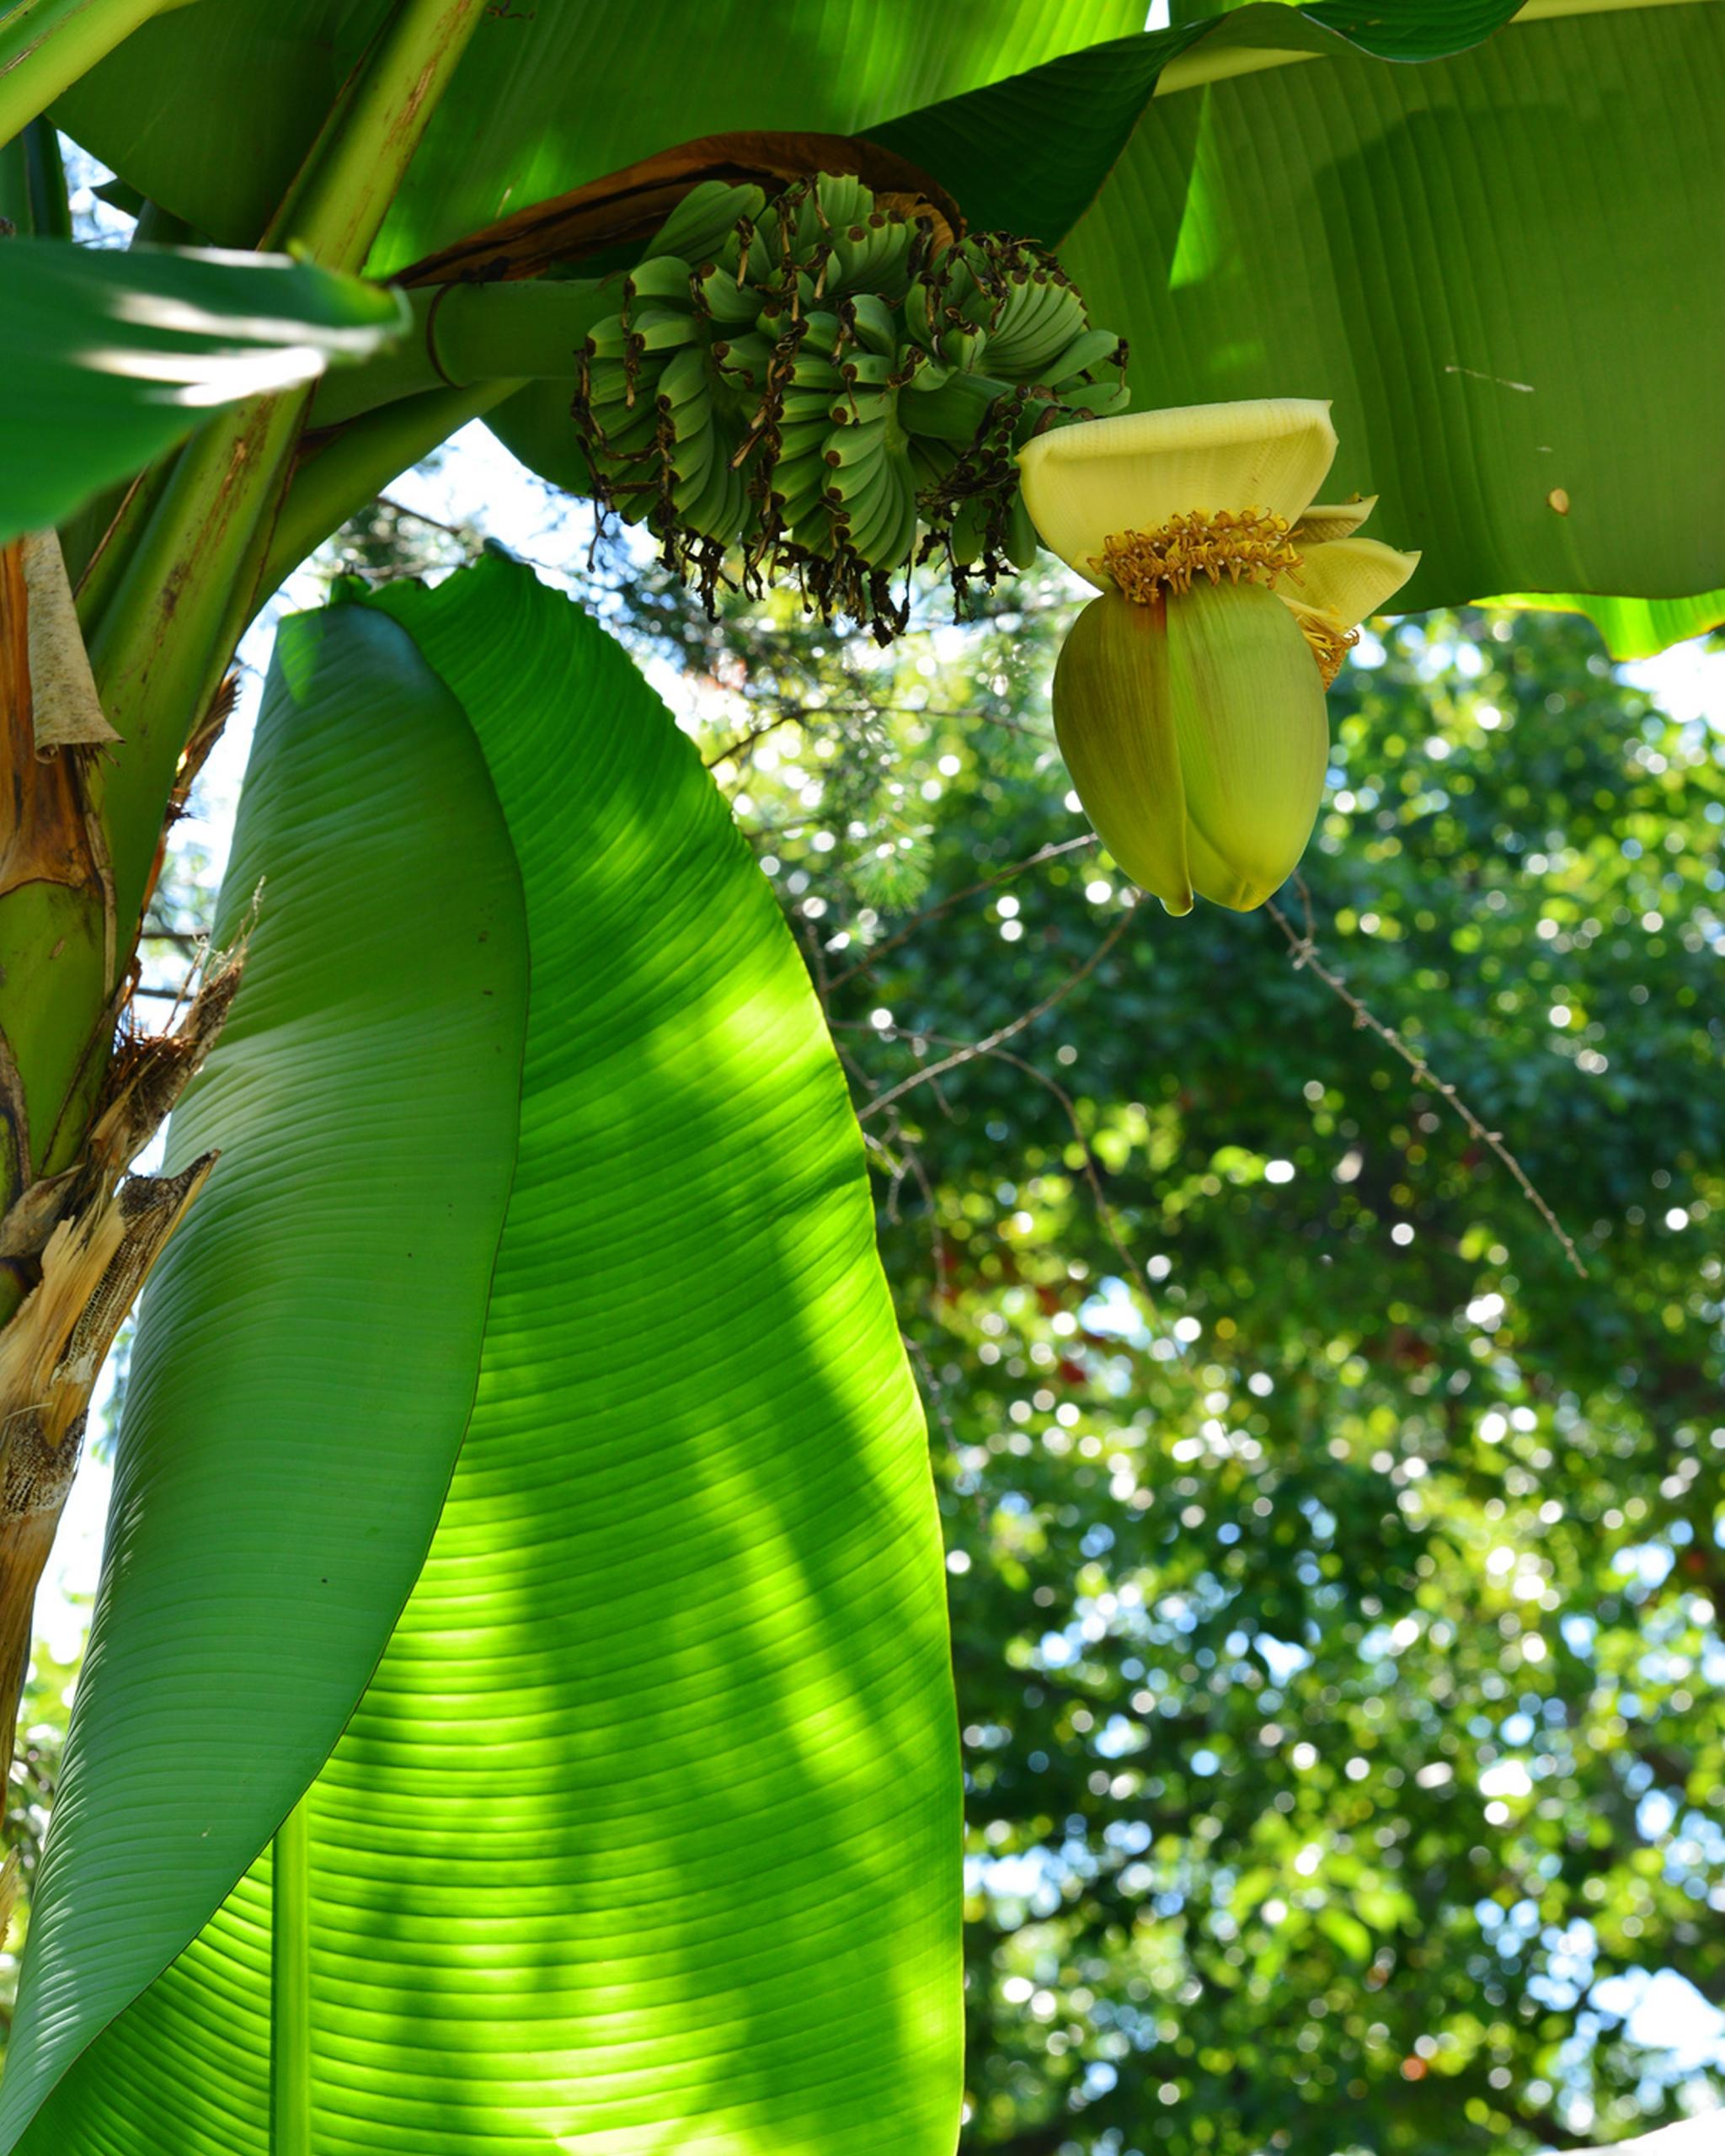 Außergewöhnlich Die Bananenstaude: Musa basjoo pflegen und überwintern | Der @PN_05